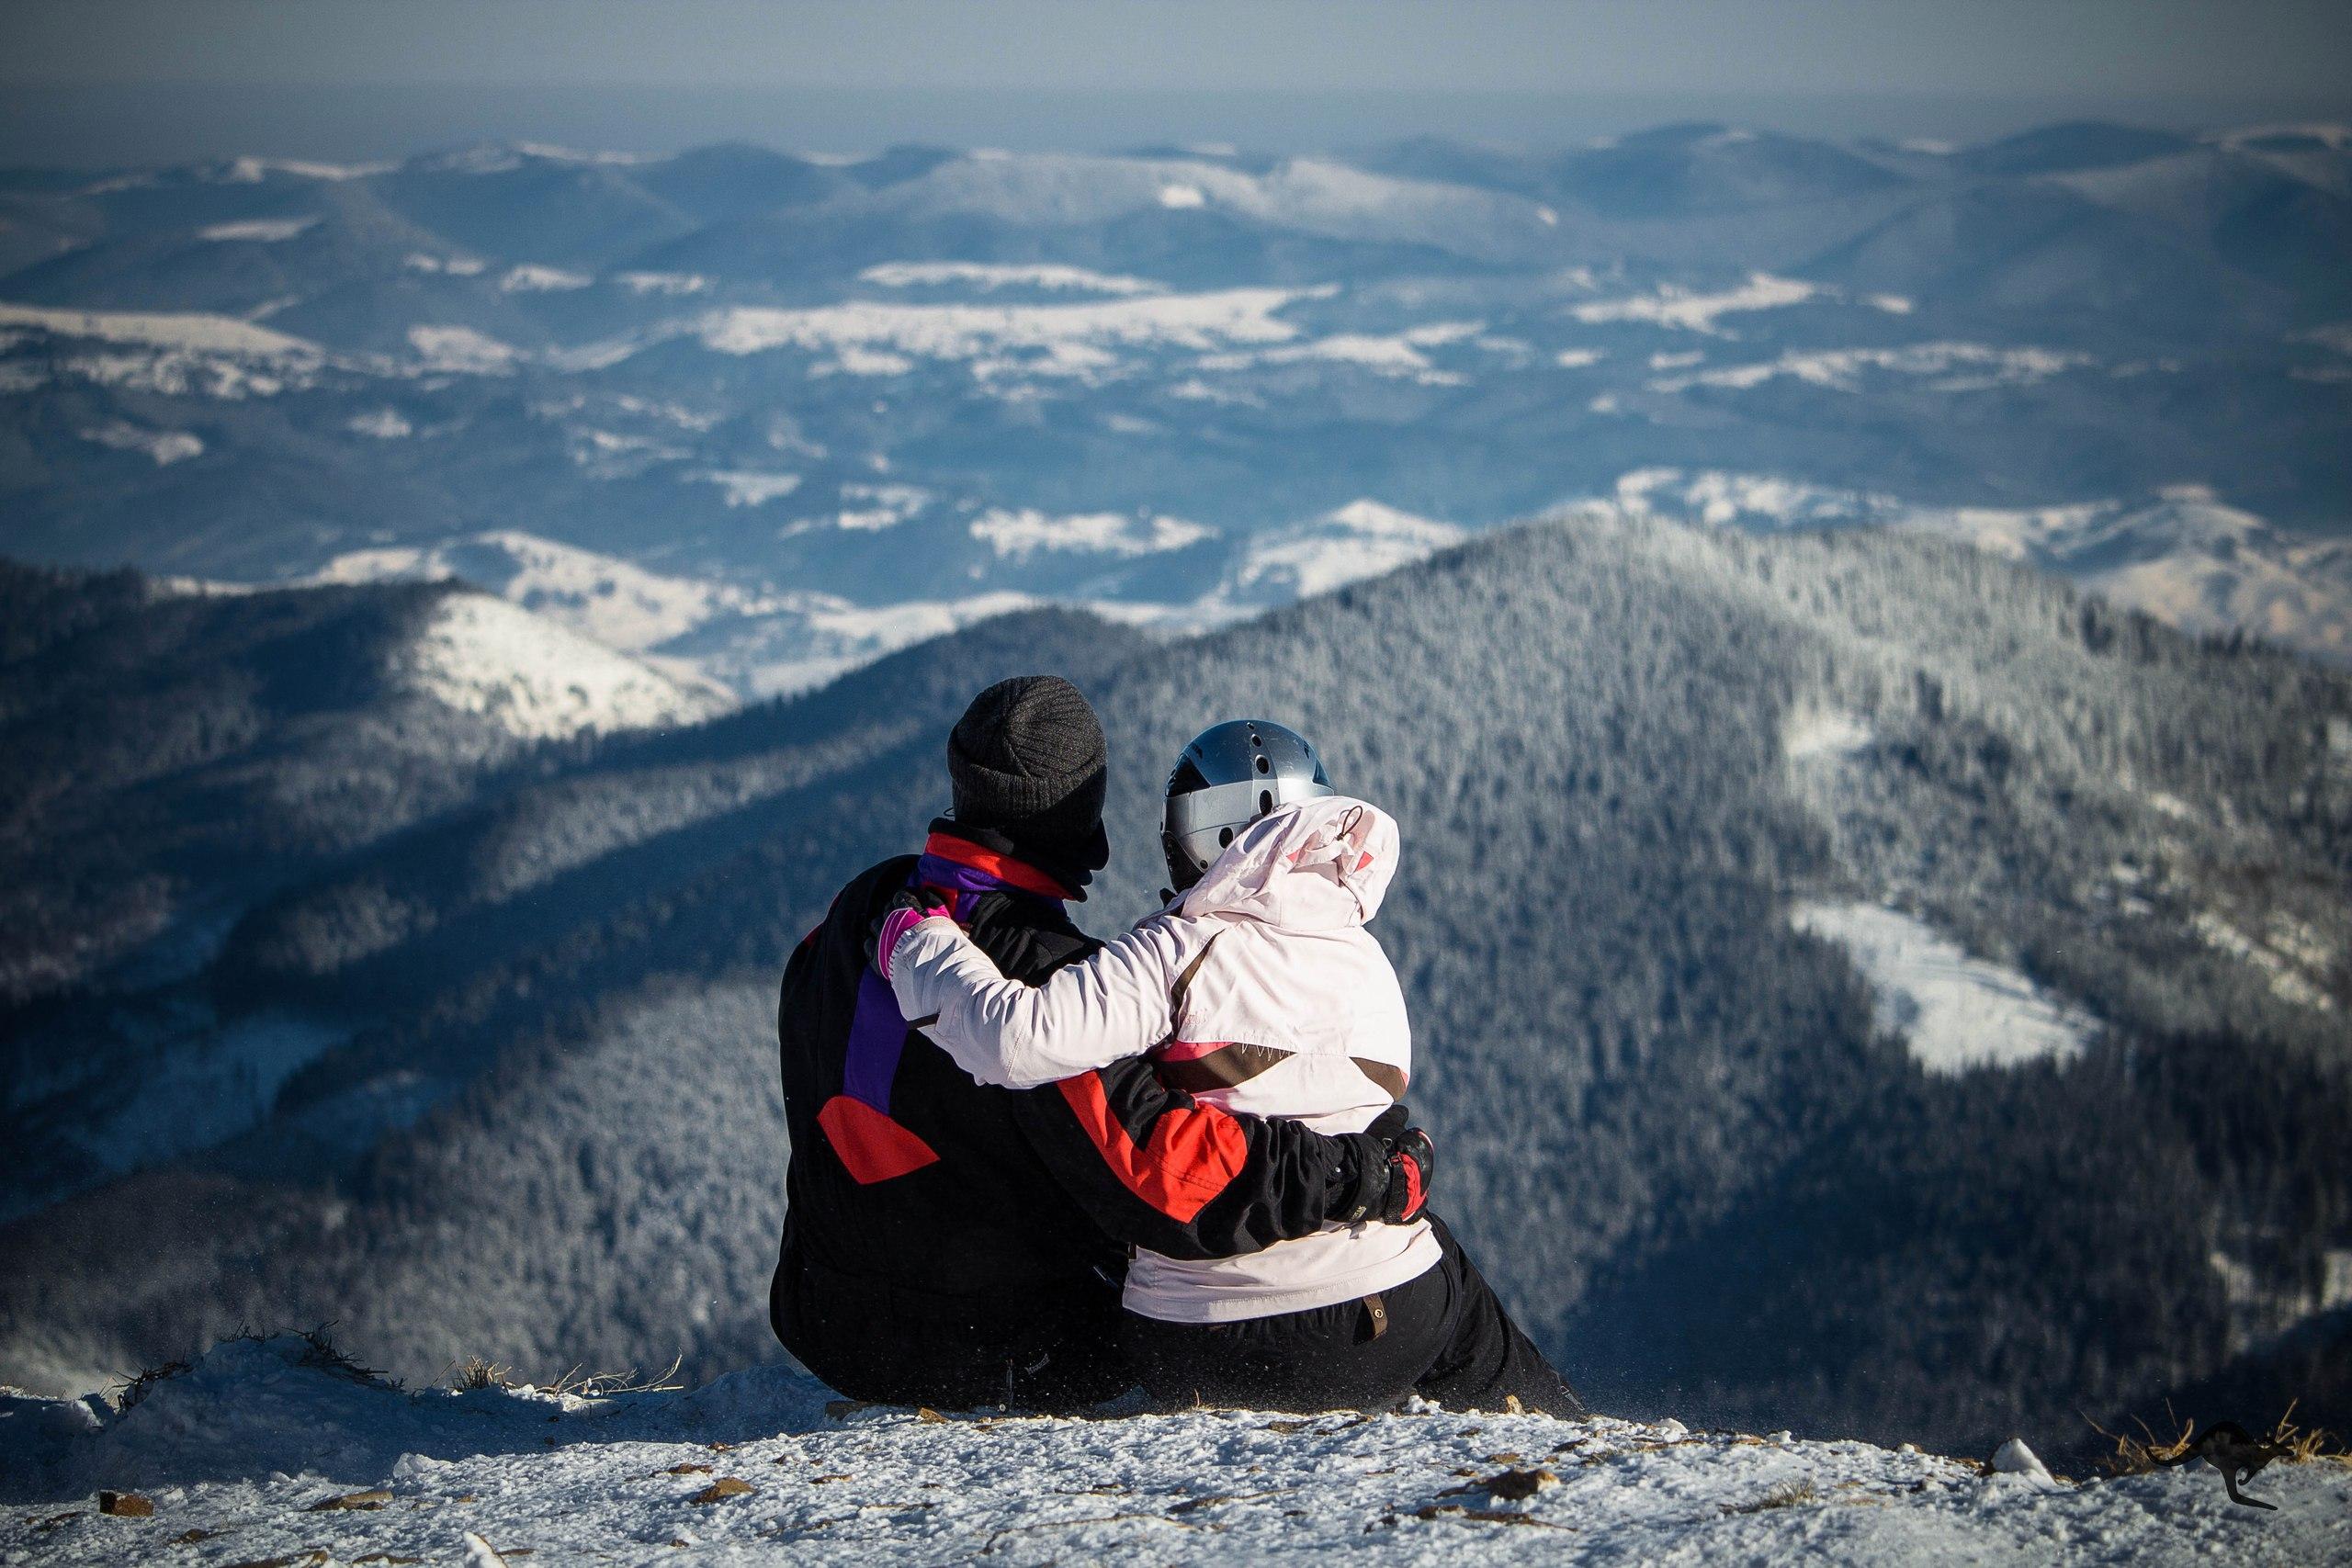 Офіційно на Закарпатті 3 грудня стартував зимовий гірськолижний сезон: мороз дозволив засипати штучним снігом витяги, і низка курортів готові приймати перших лижників уже на цих вихідних.